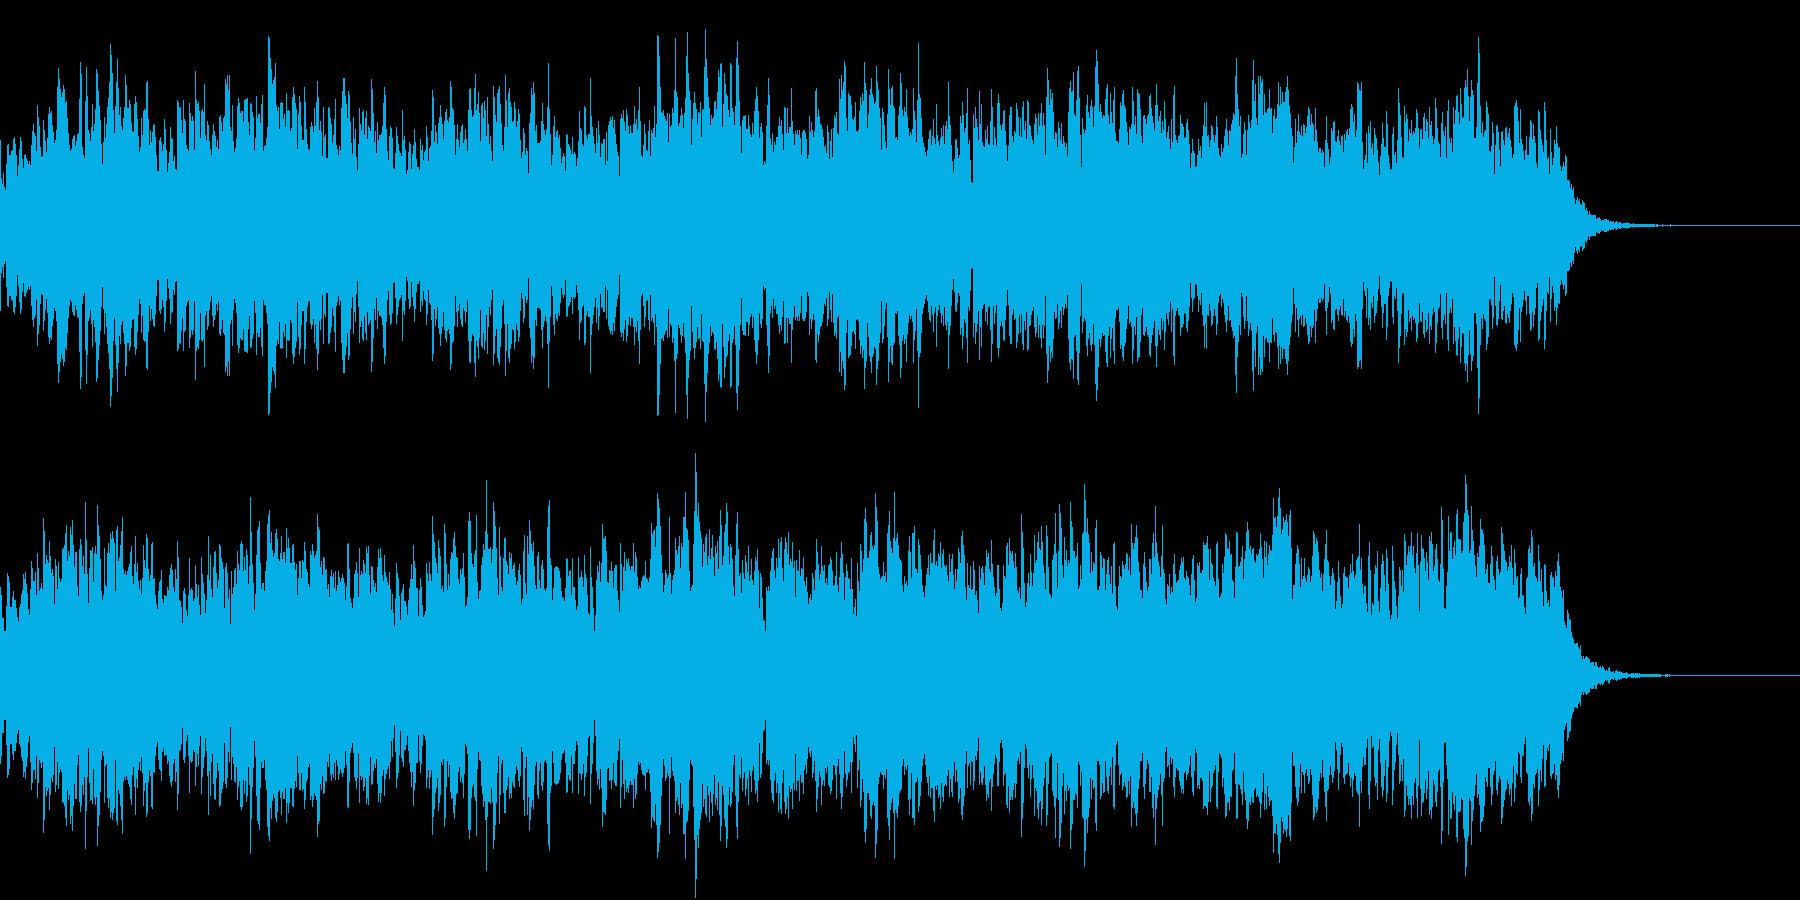 creo_leo_bgm05の再生済みの波形